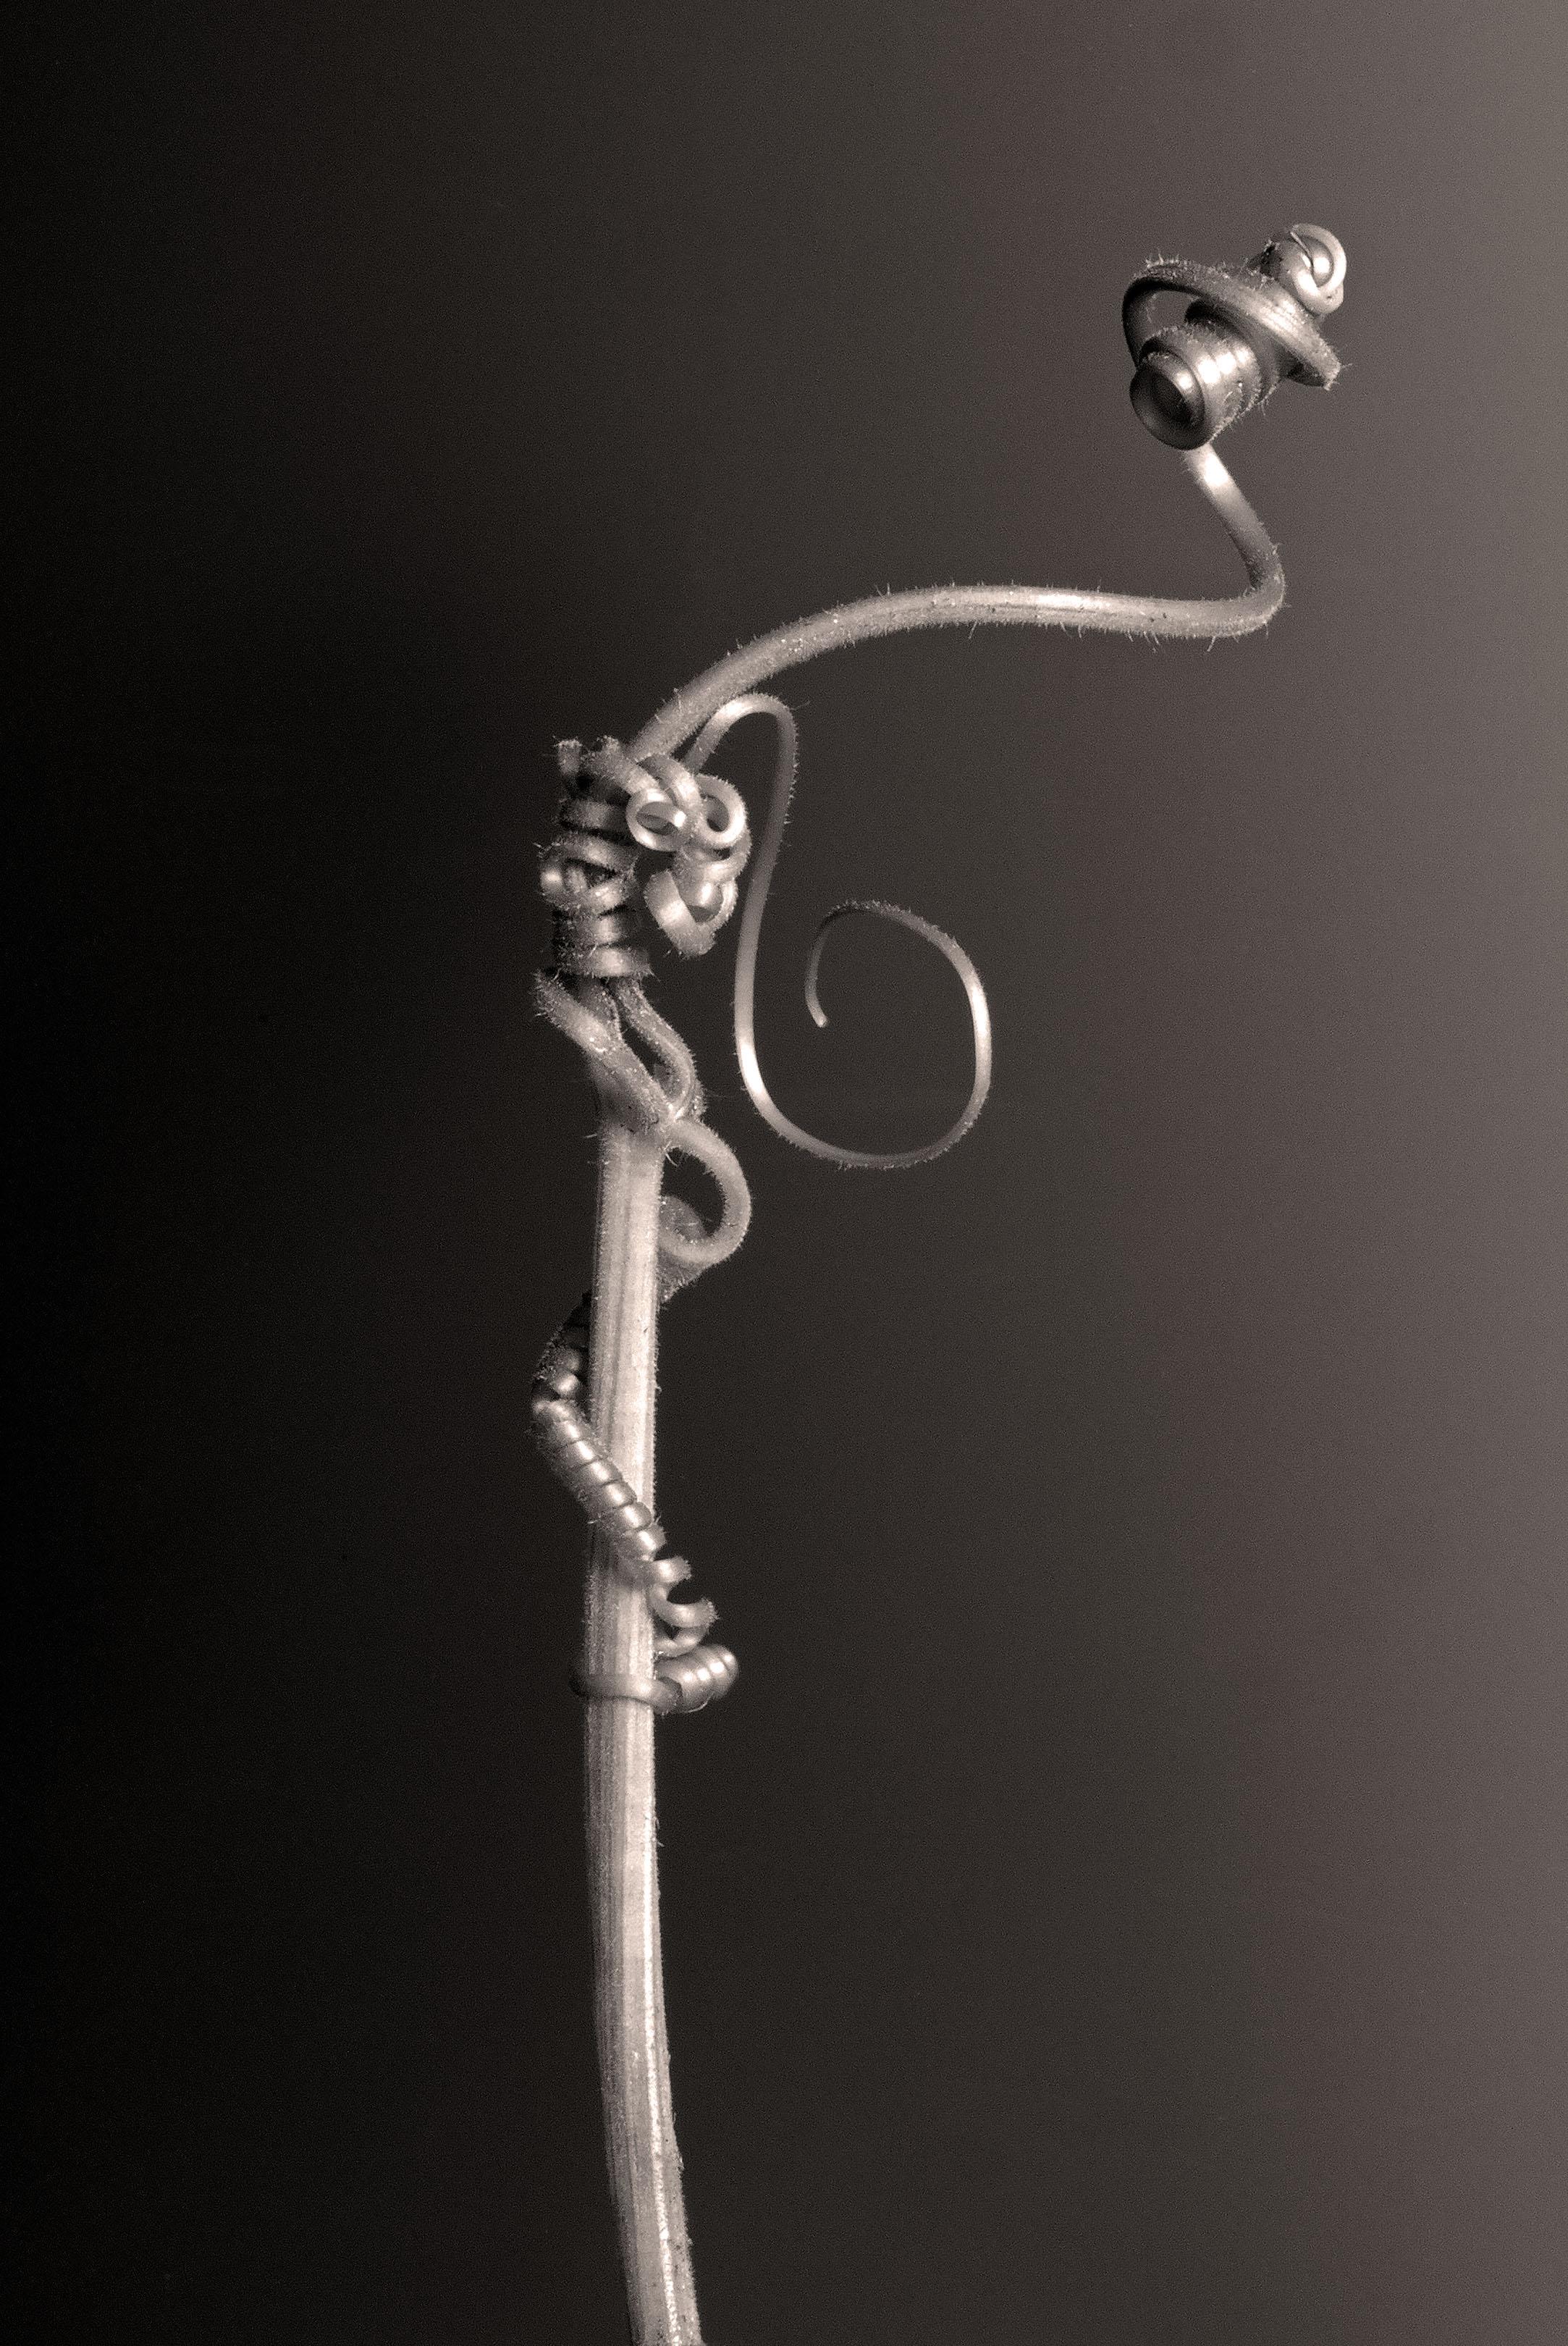 Carol-Lawrence-10-Lovely-long-tendril.jpg